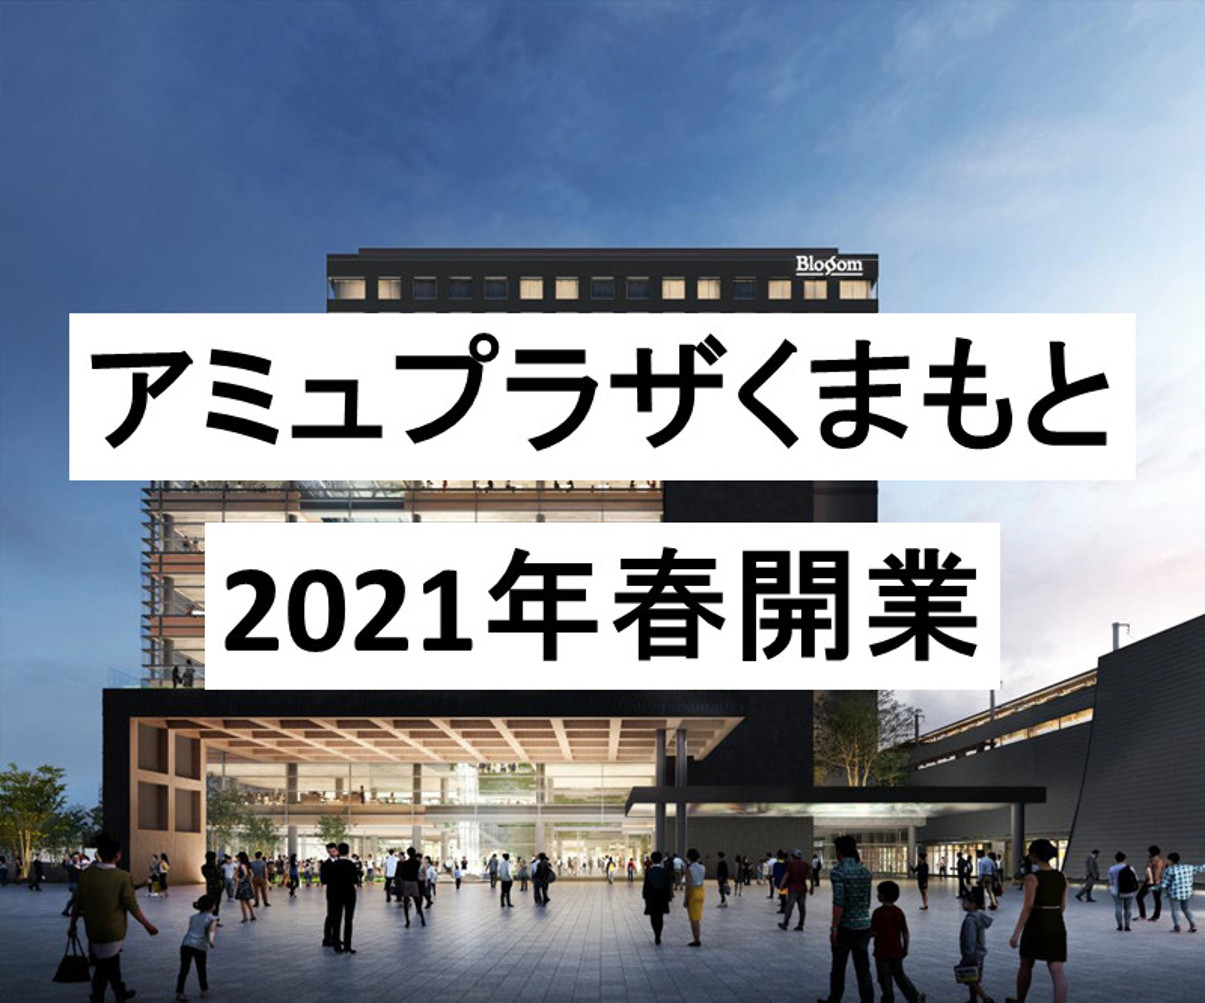 アミュプラザくまもと2021年春開業アイキャッチ1205